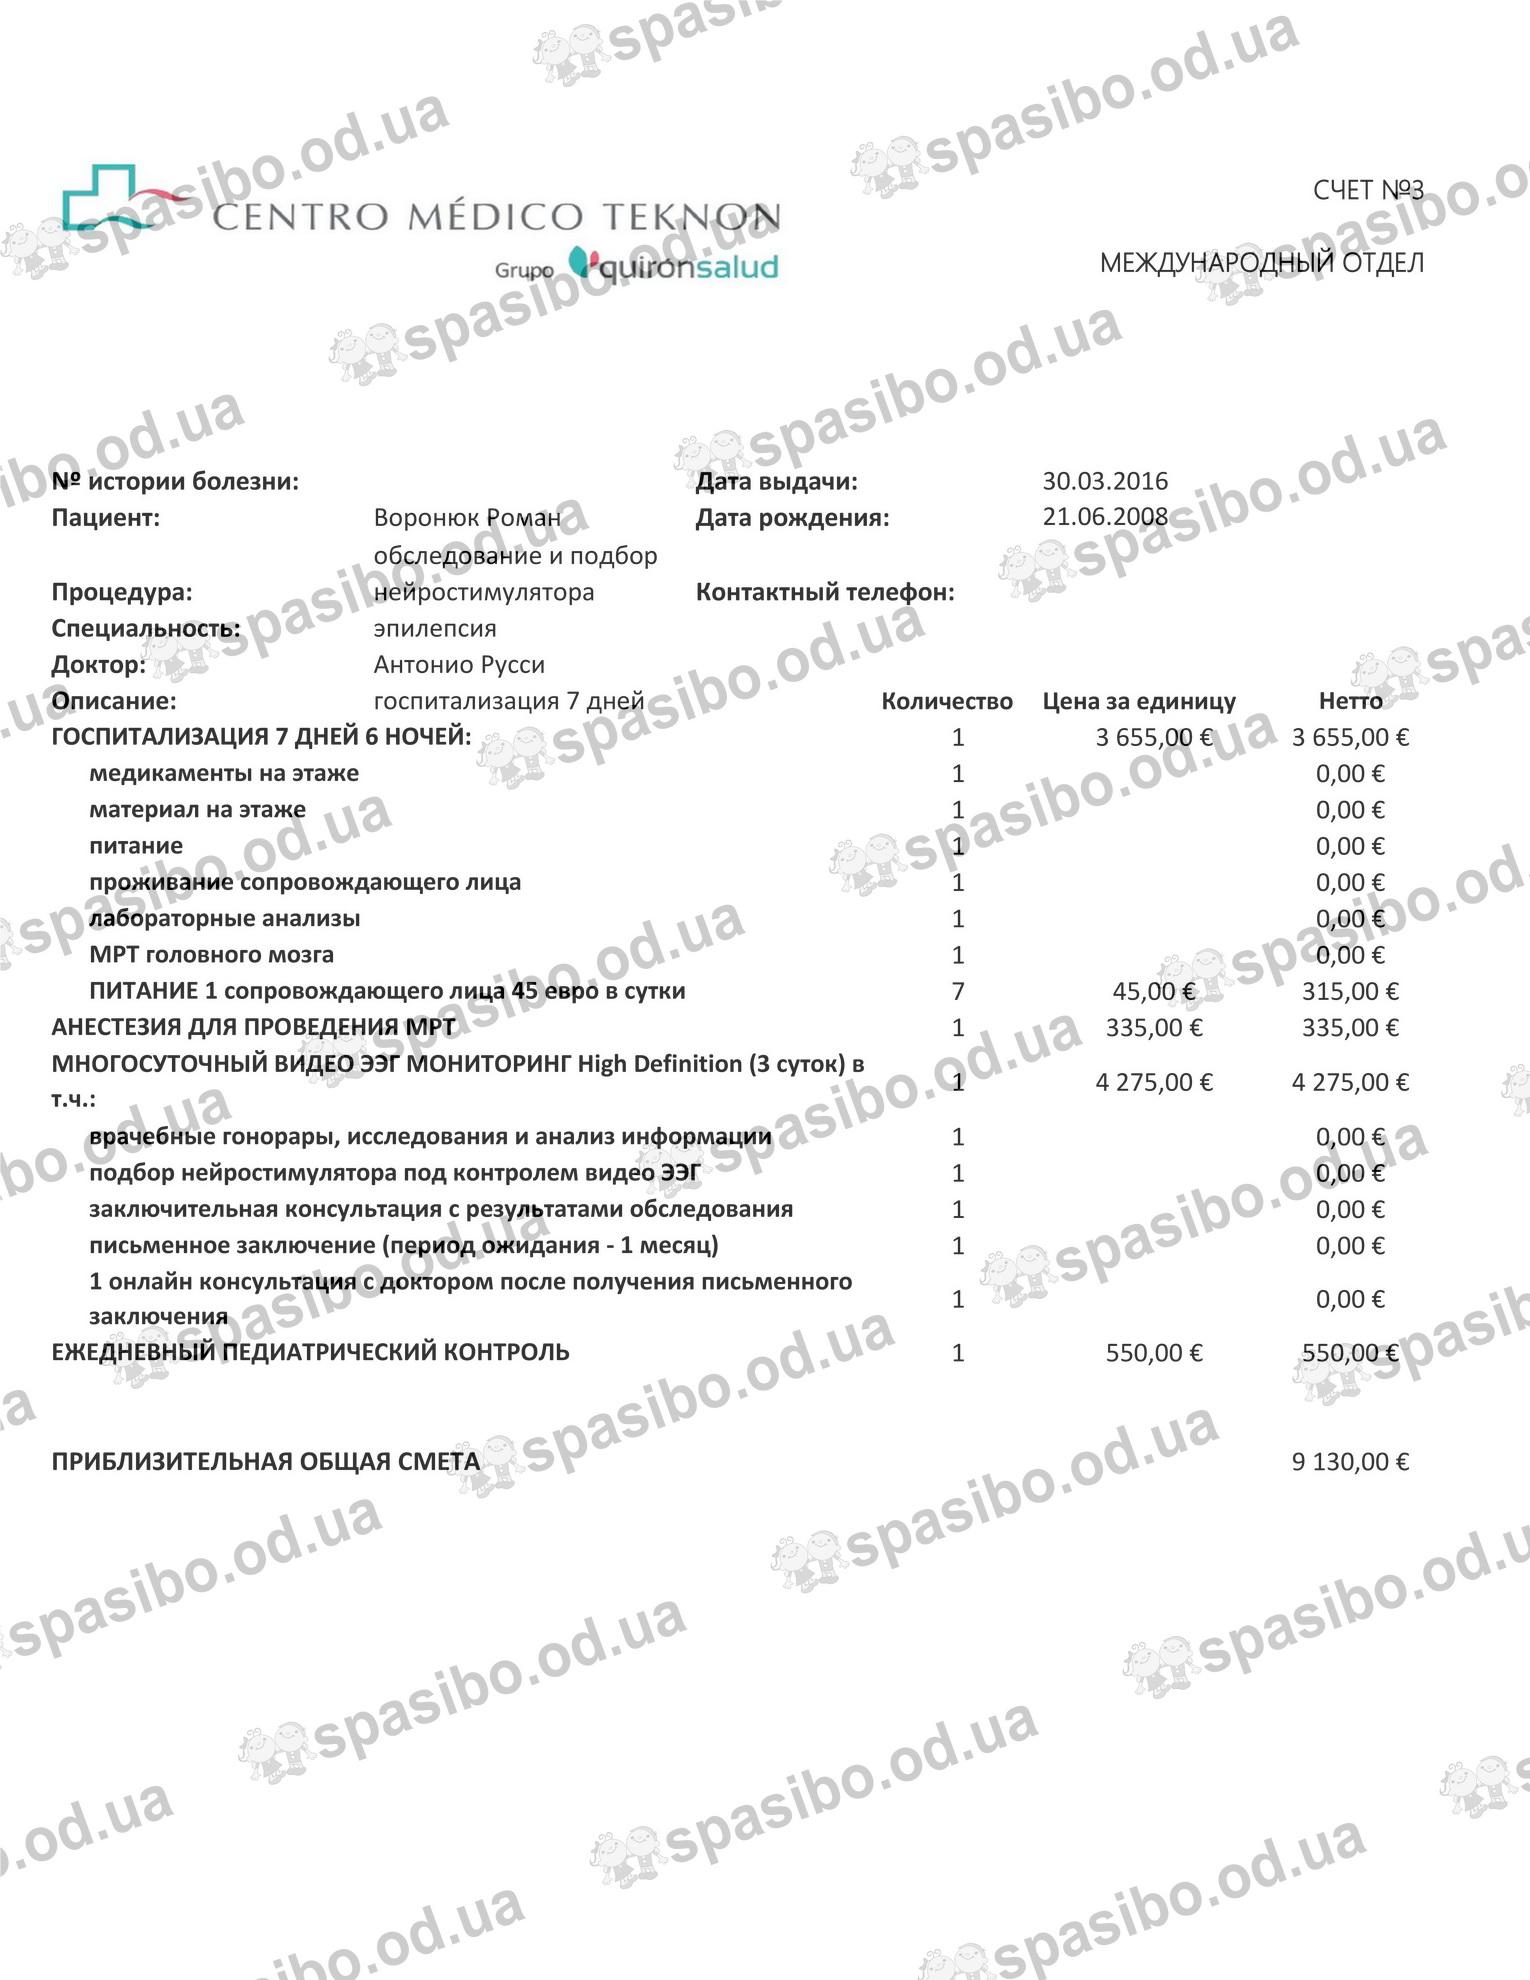 Page1 Воронюк_Роман_счет_№3